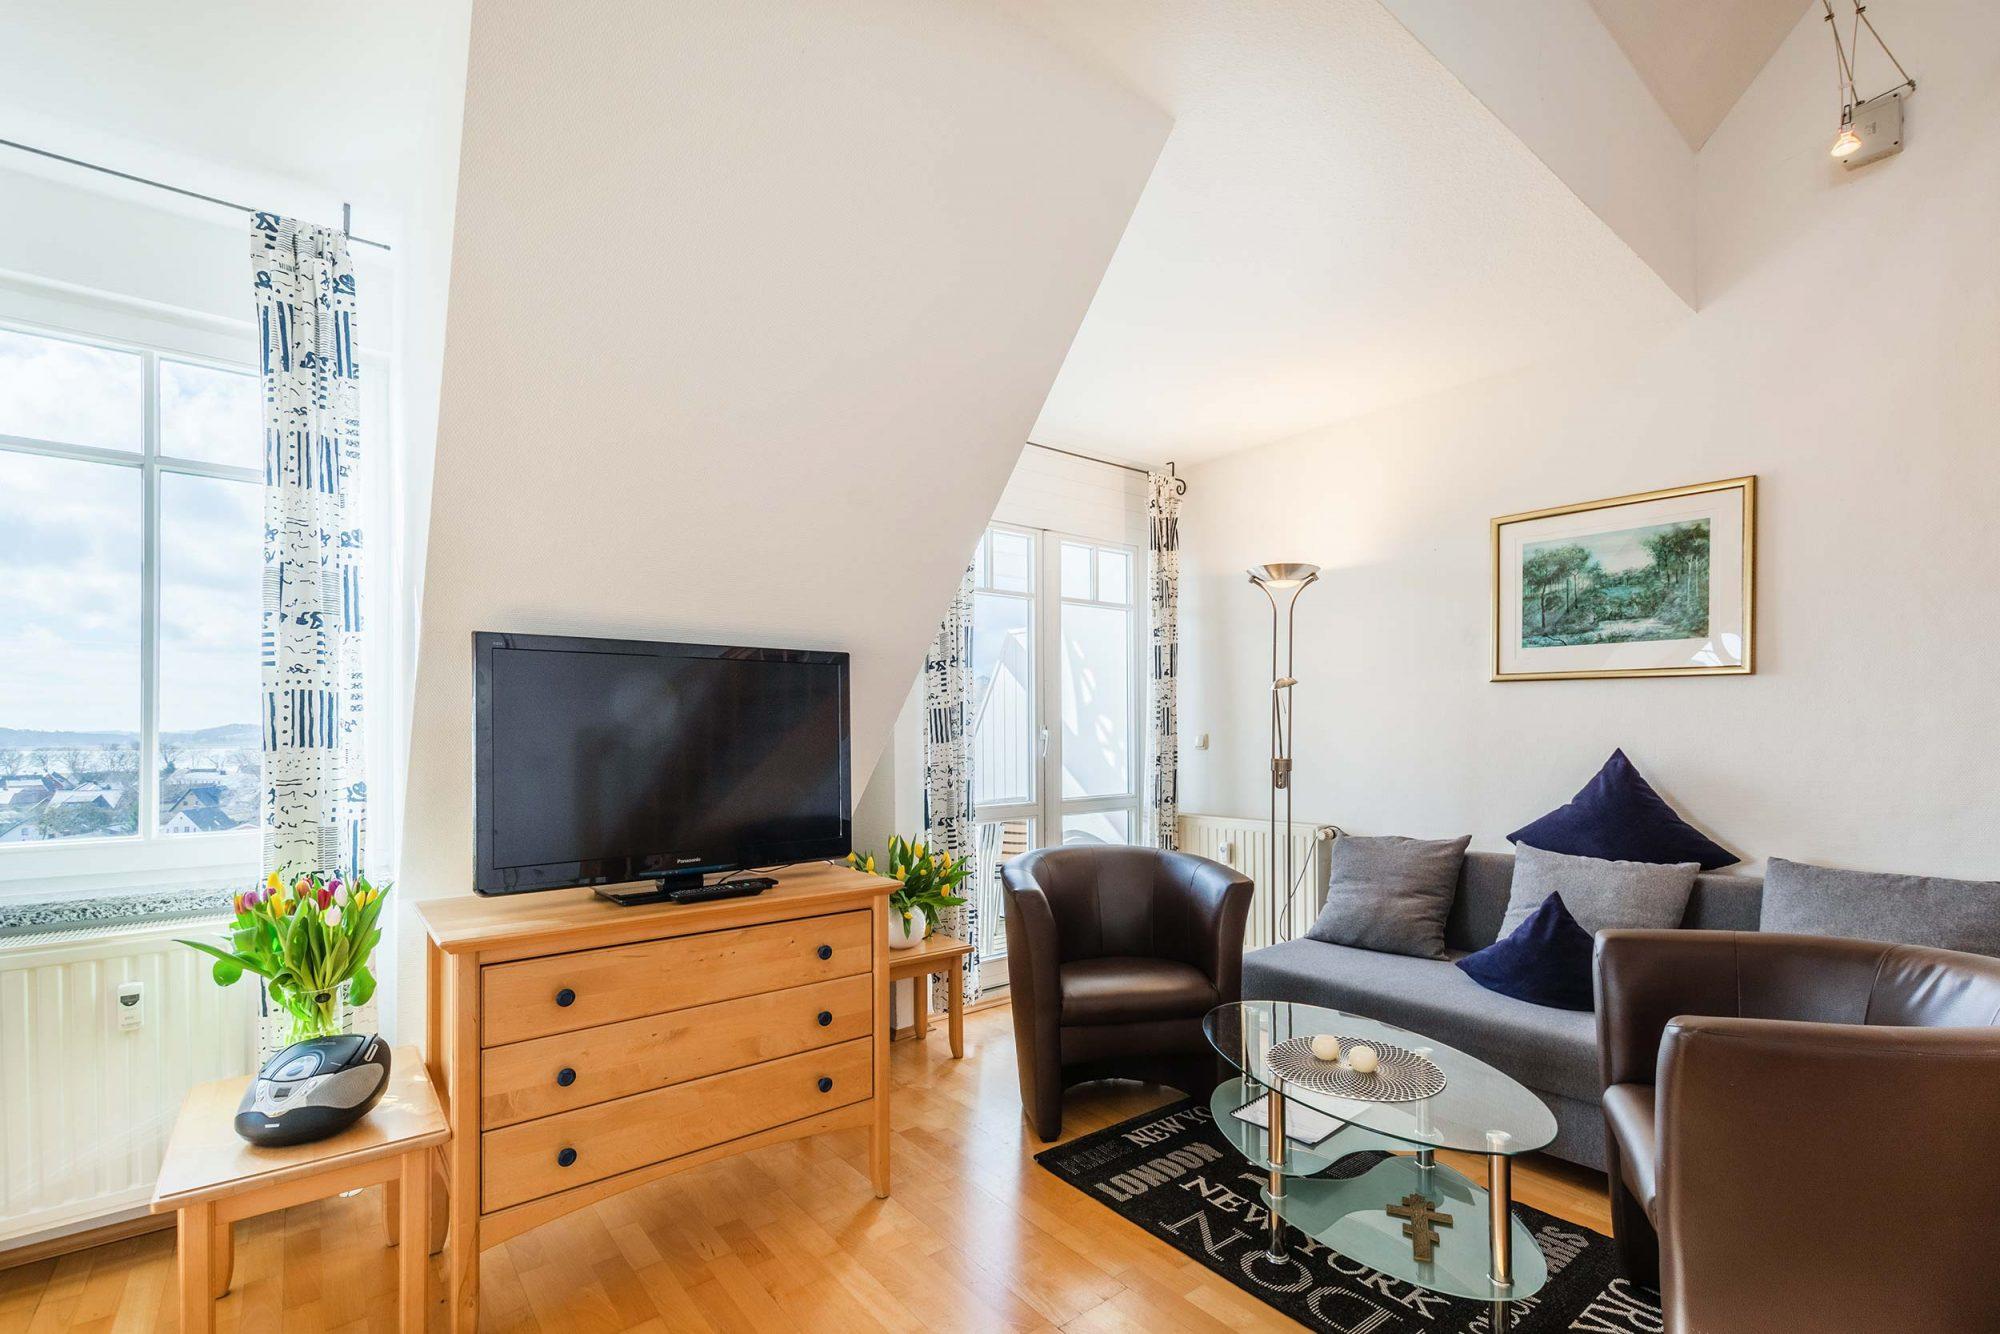 Fotografie von Apartmentanlagen - Fotoservice mit Deko (c) TEXTAG GROUP Gabriele Hofer